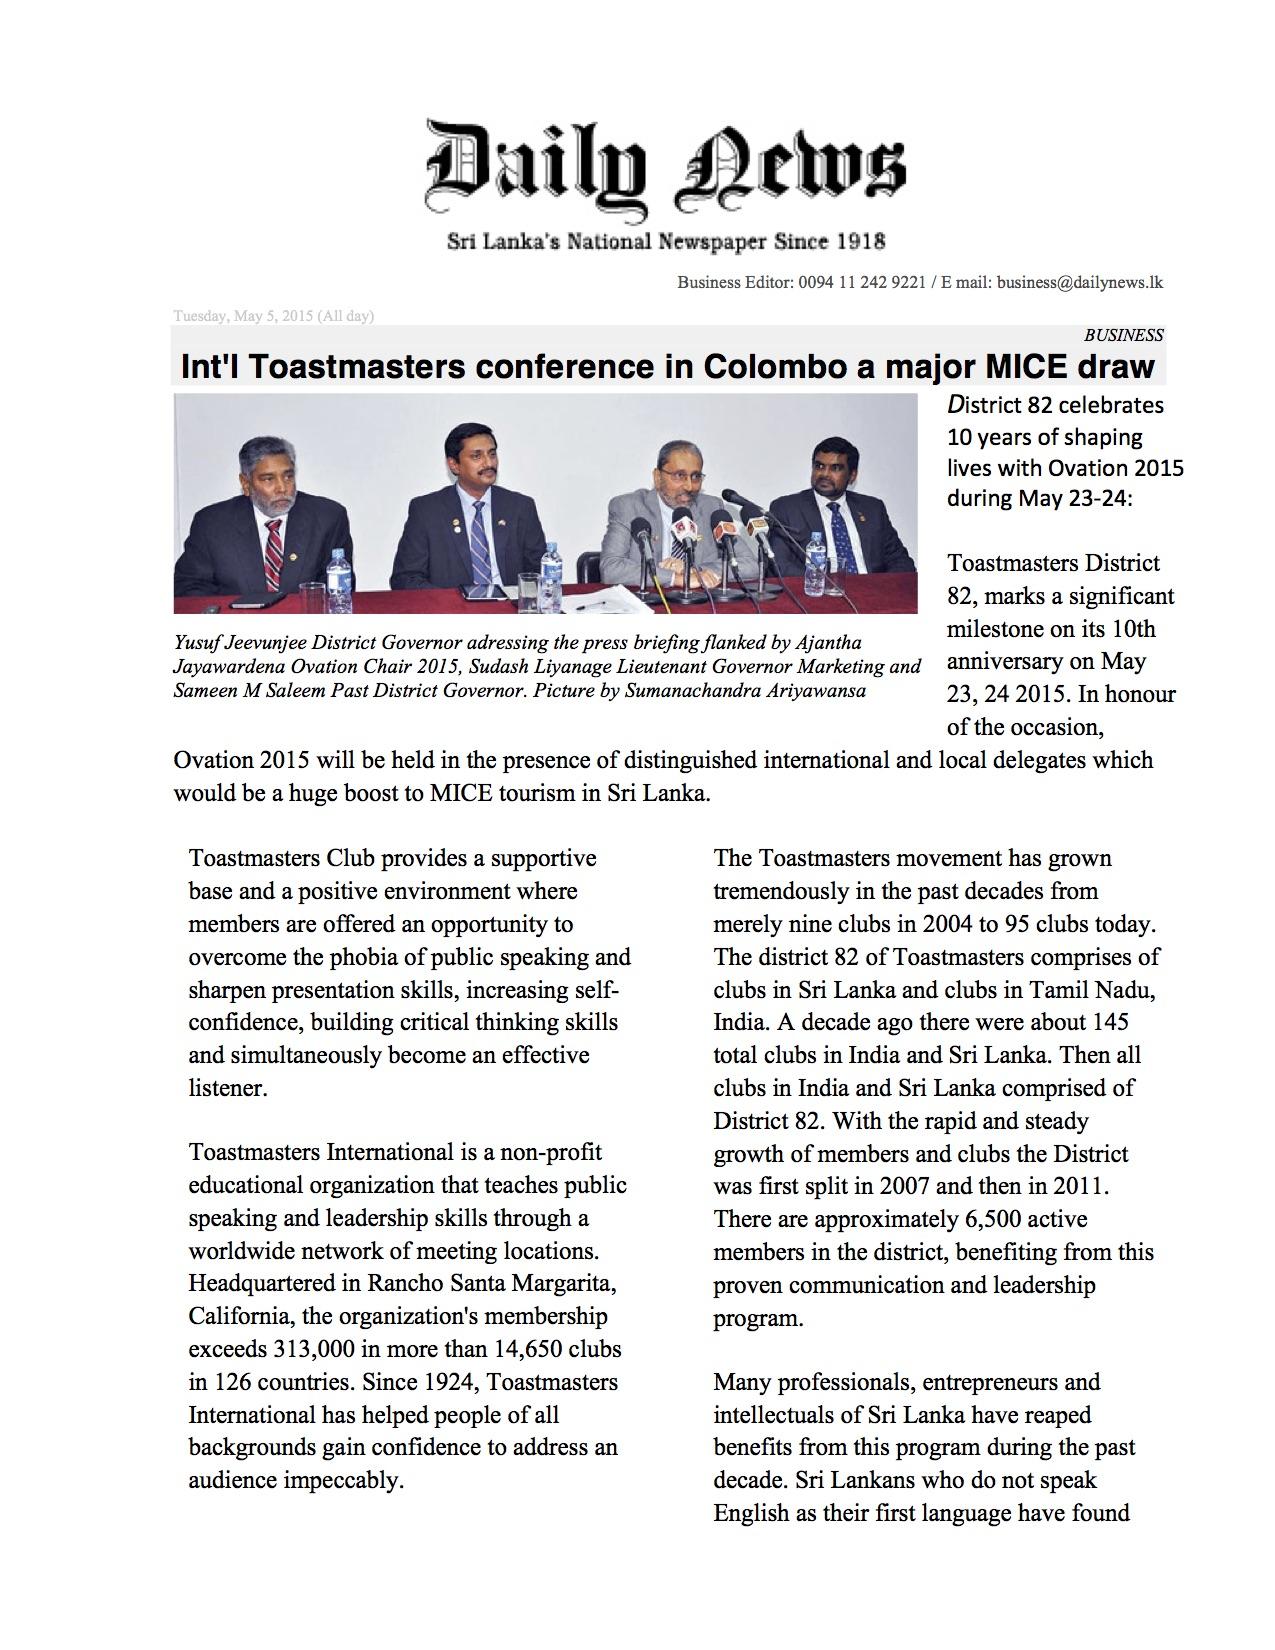 Sri Lanka Daily News Article May 5, 2015